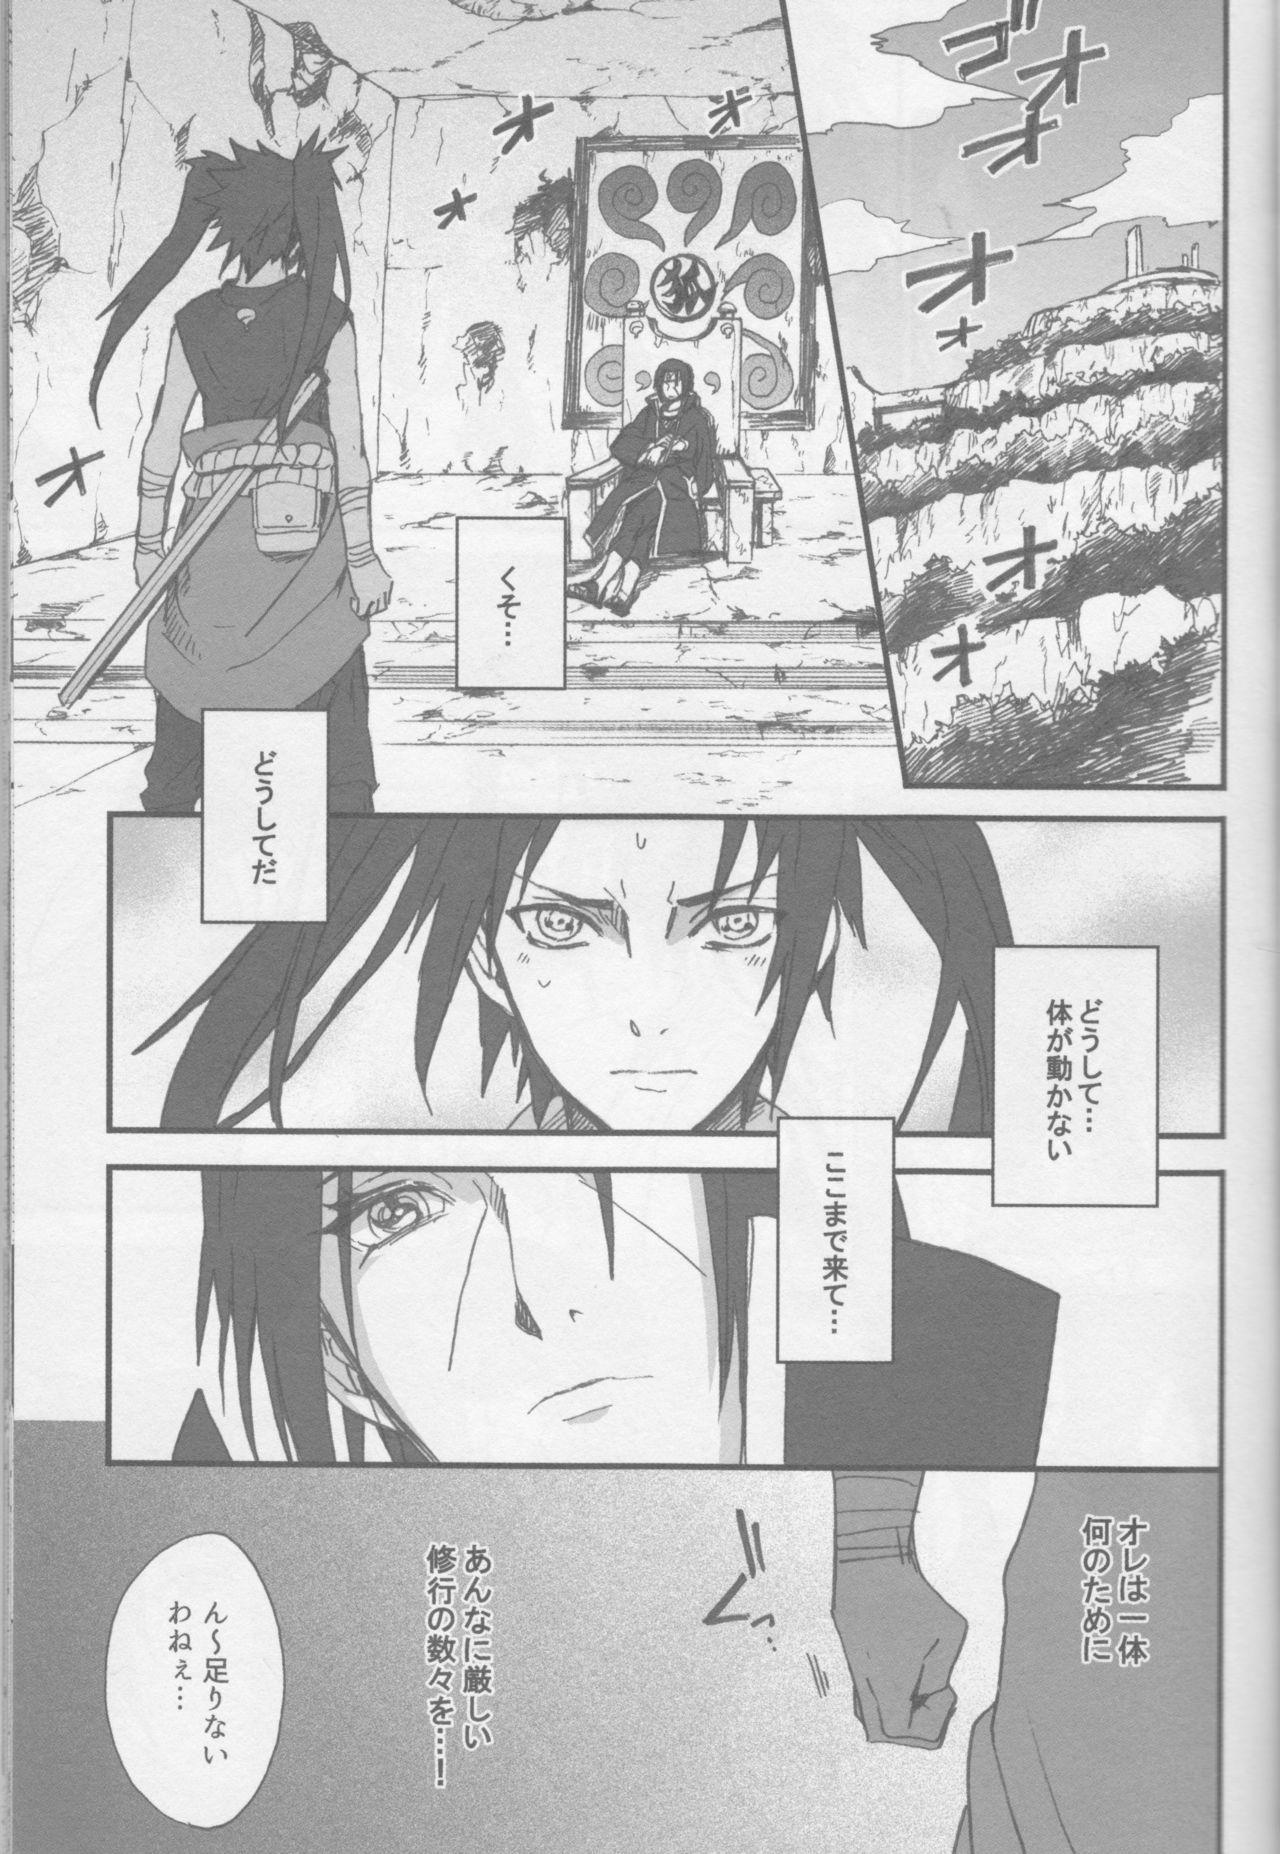 Ore o Konnafuuni Saseta no wa Nii-san Nanda zo 3